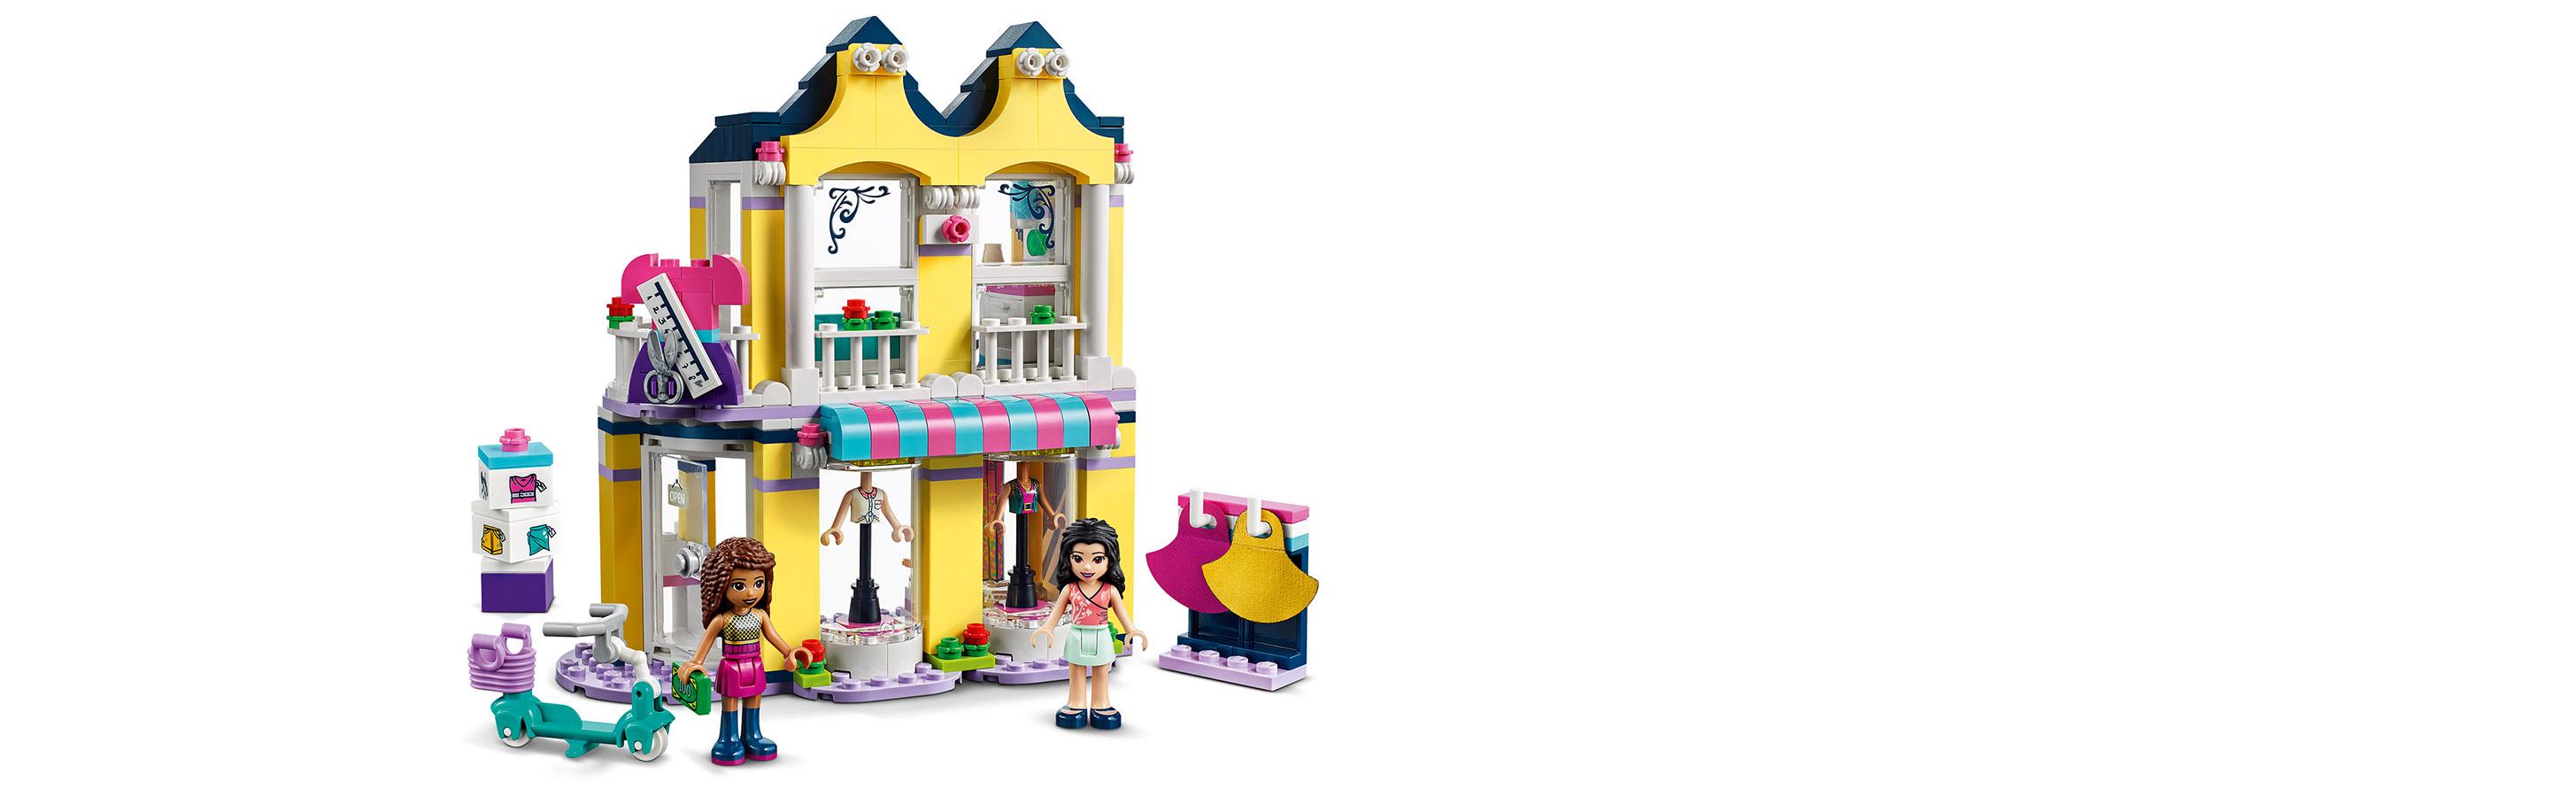 LEGO® Friends 41427 Emmas Mode-Geschäft Minifigs